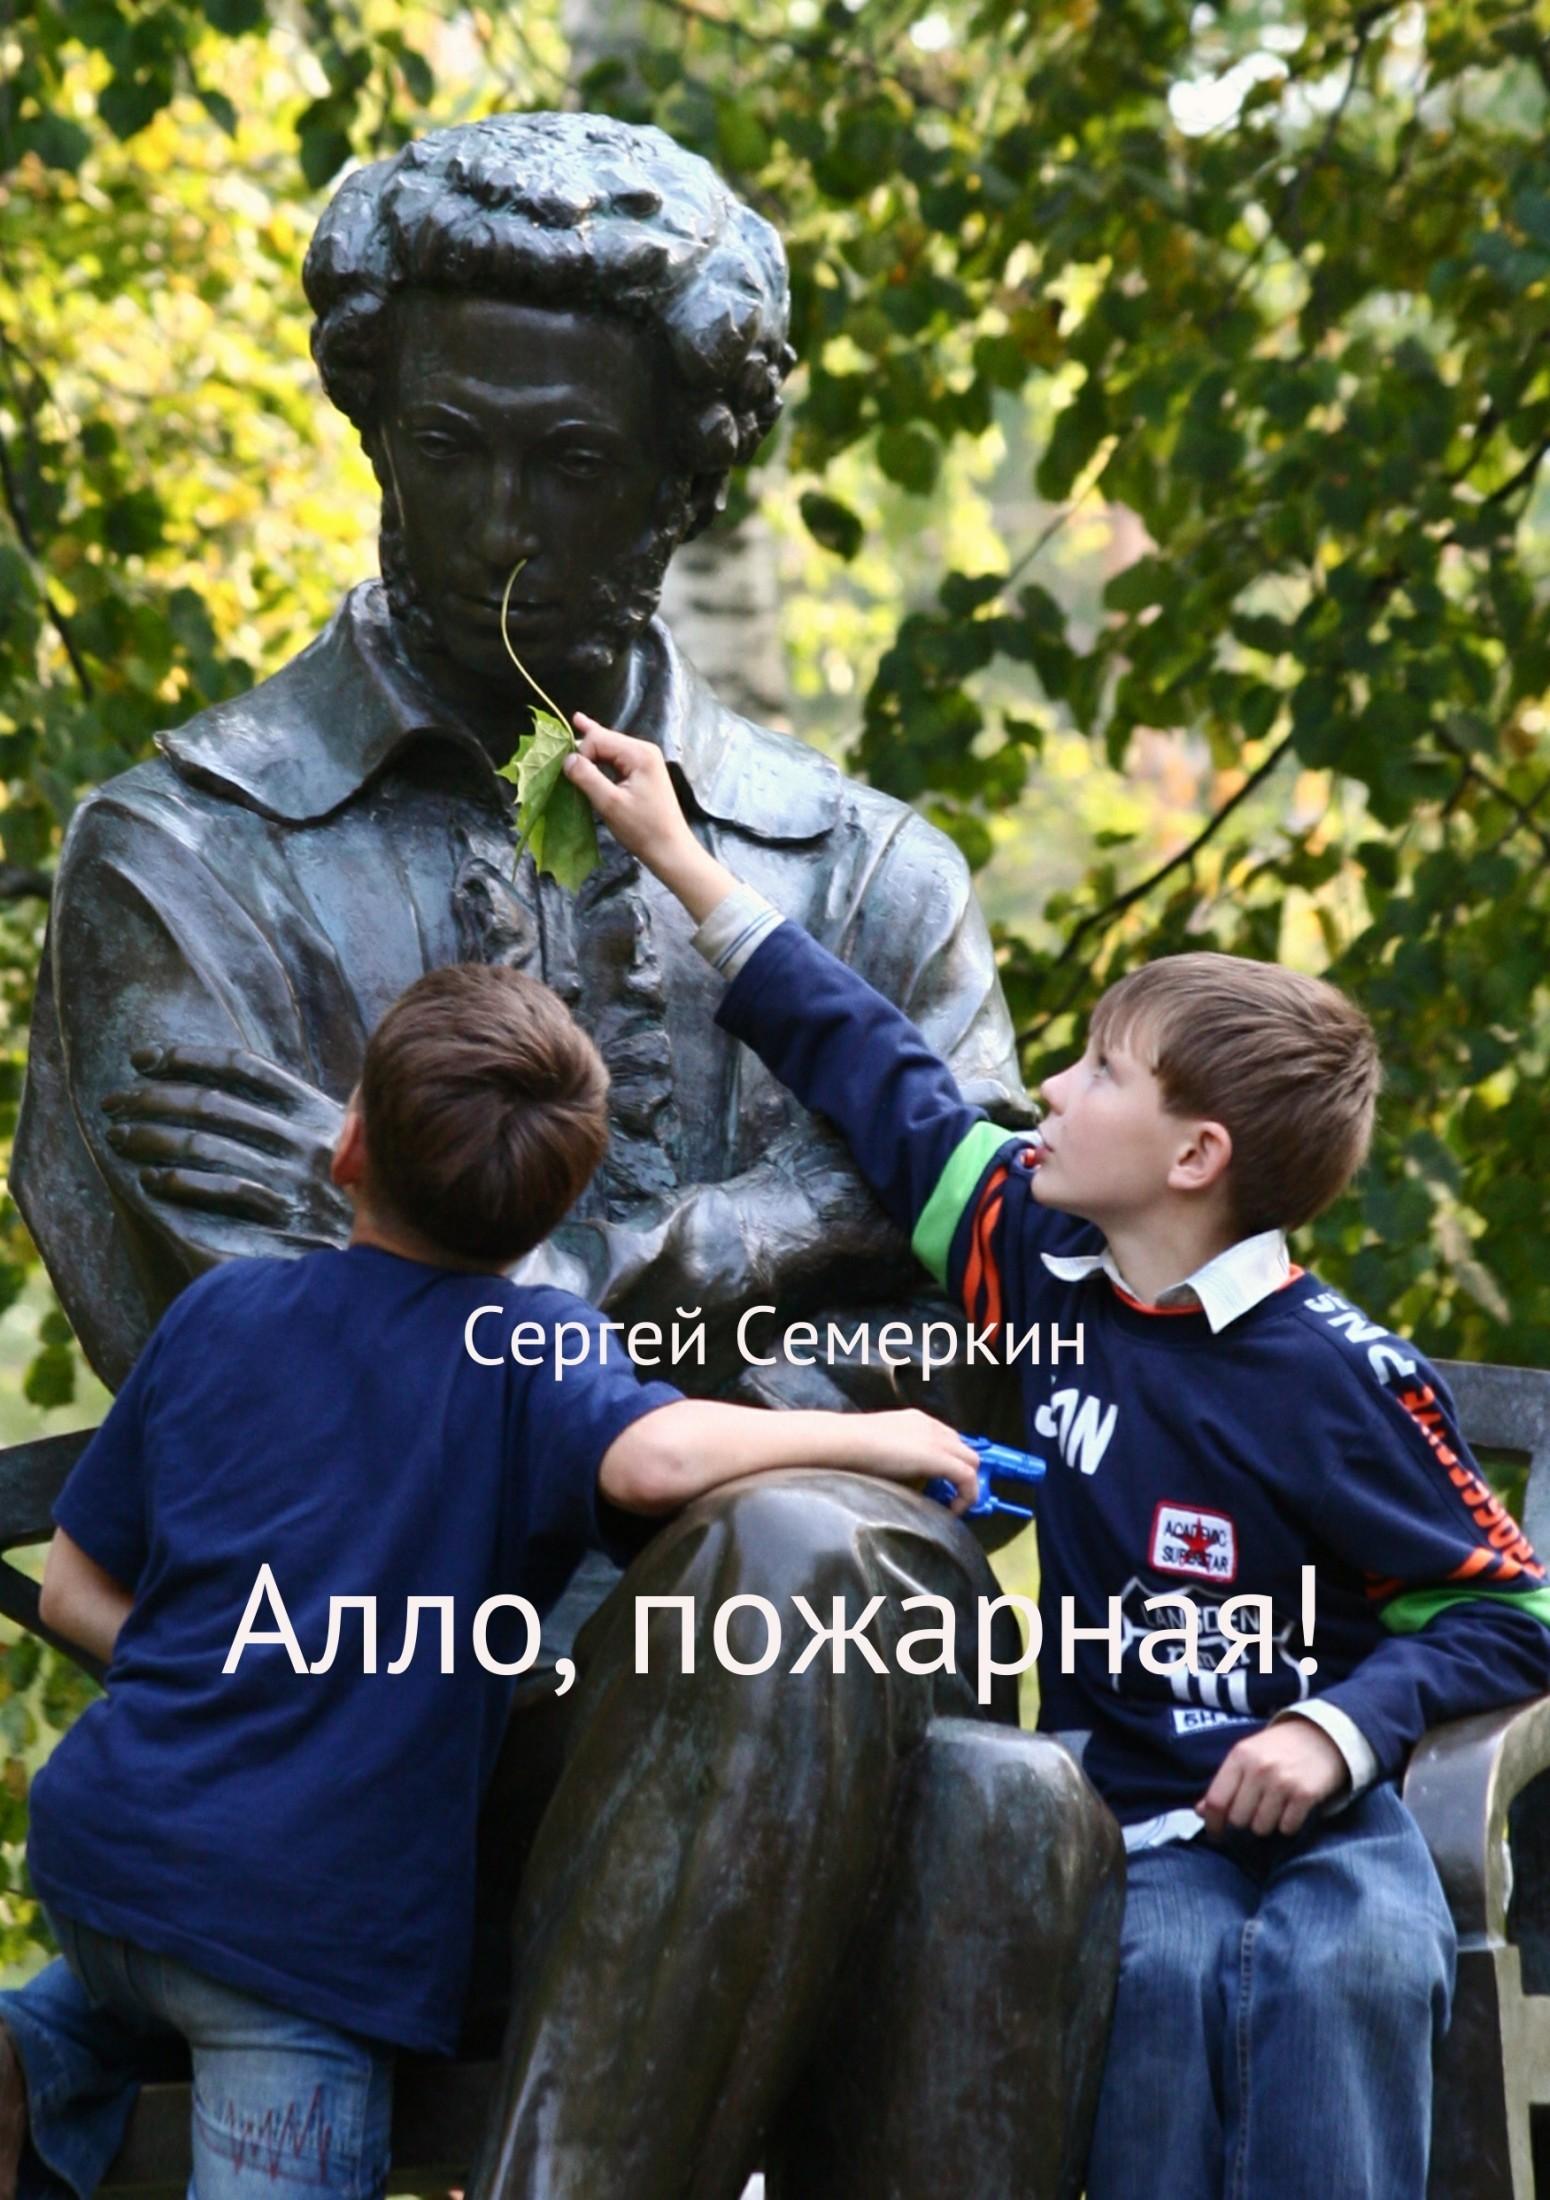 Сергей Владимирович Семеркин Алло, пожарная!